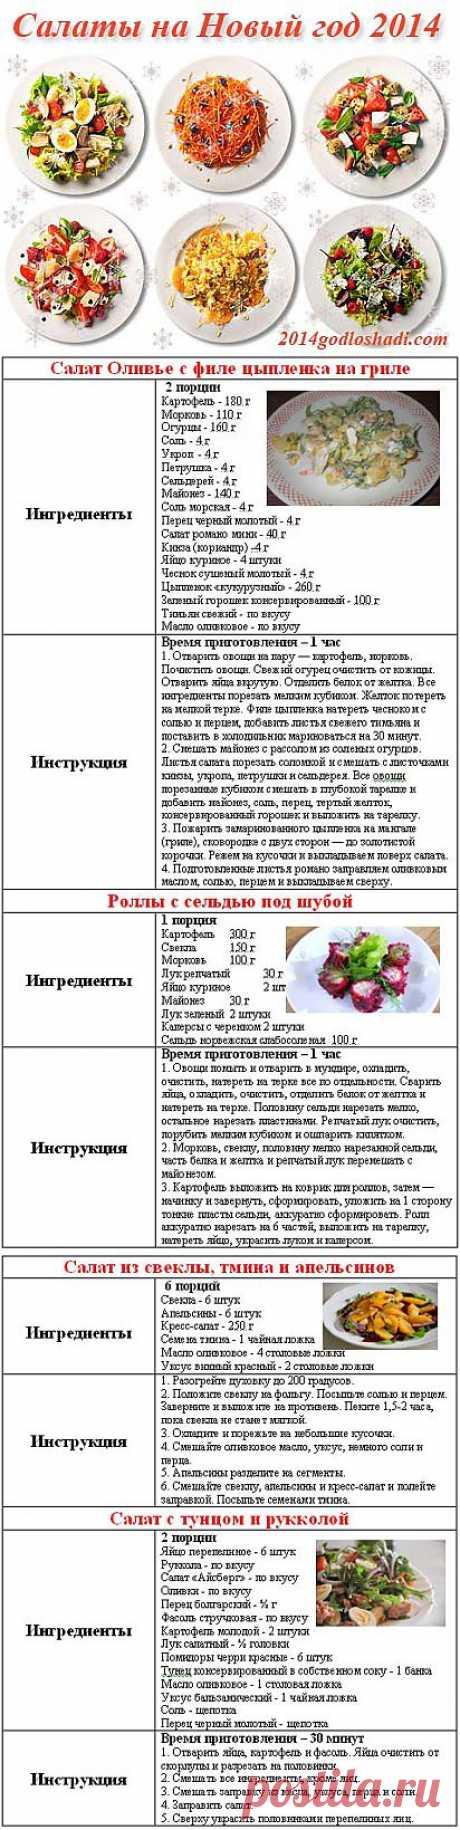 Las ensaladas de Año Nuevo 2014 de la foto, las recetas hacia Nuevo 2014 | 2014 del Caballo